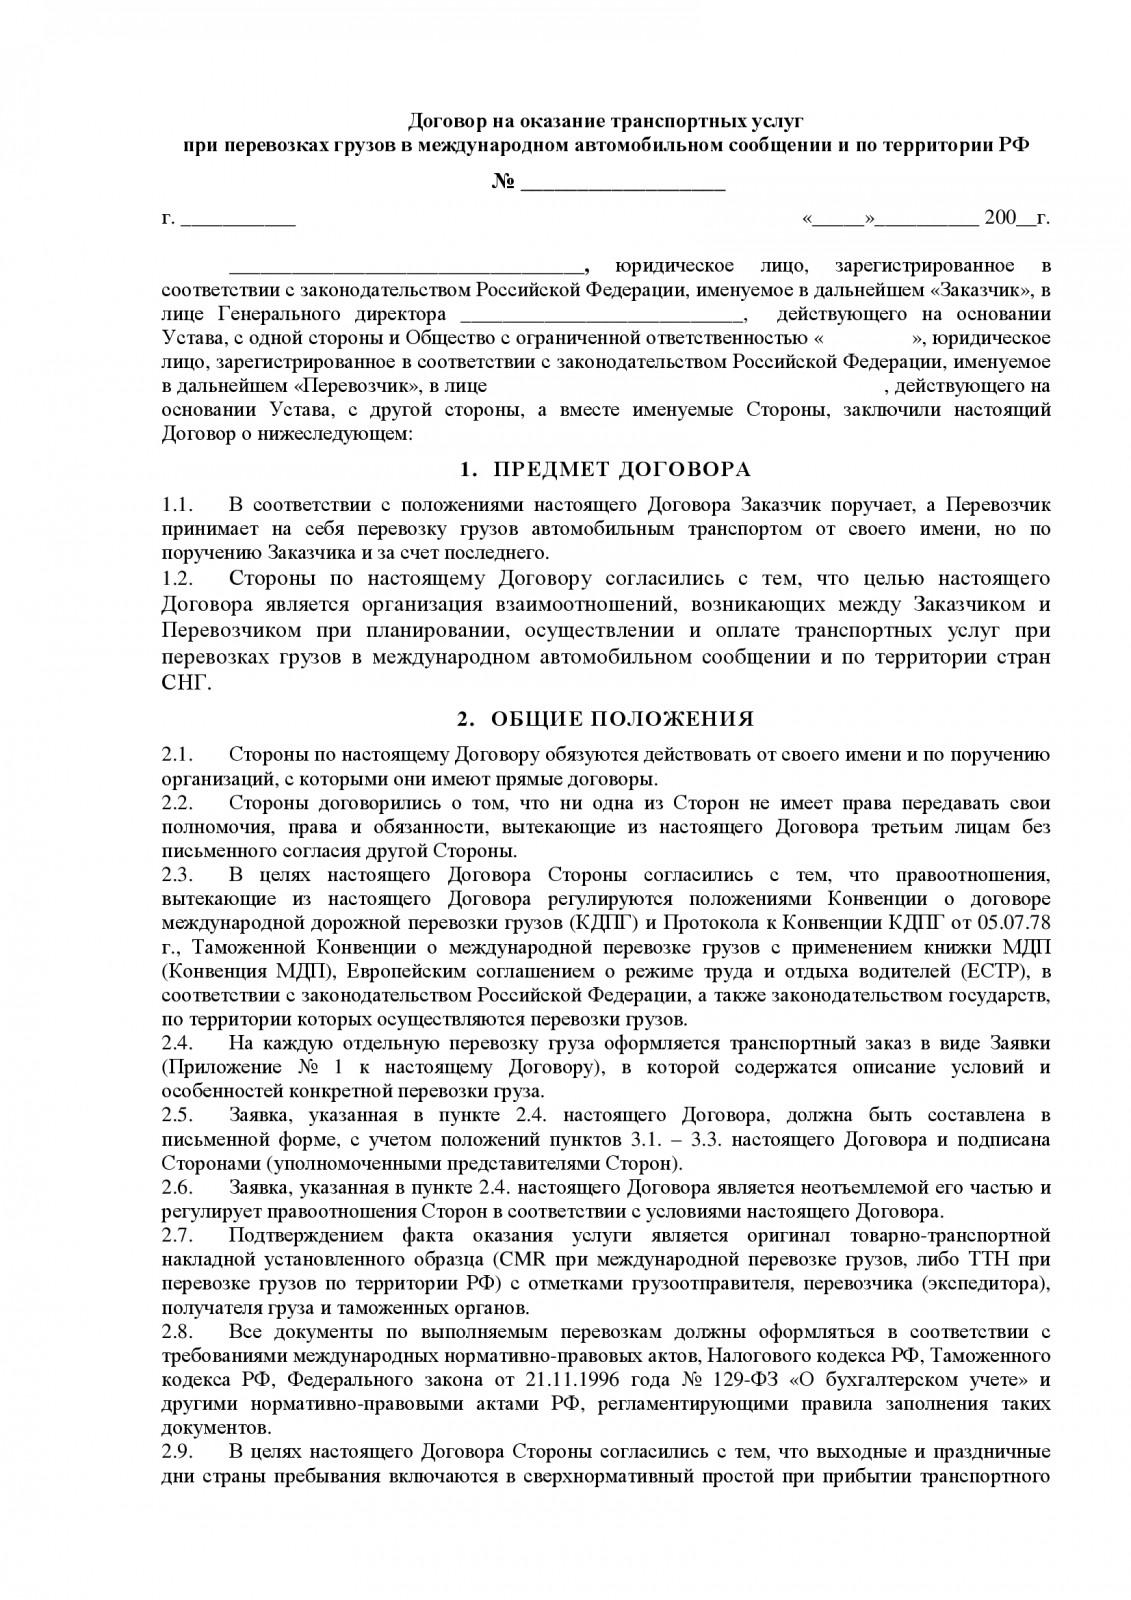 Образец договора на оказание транспортных услуг